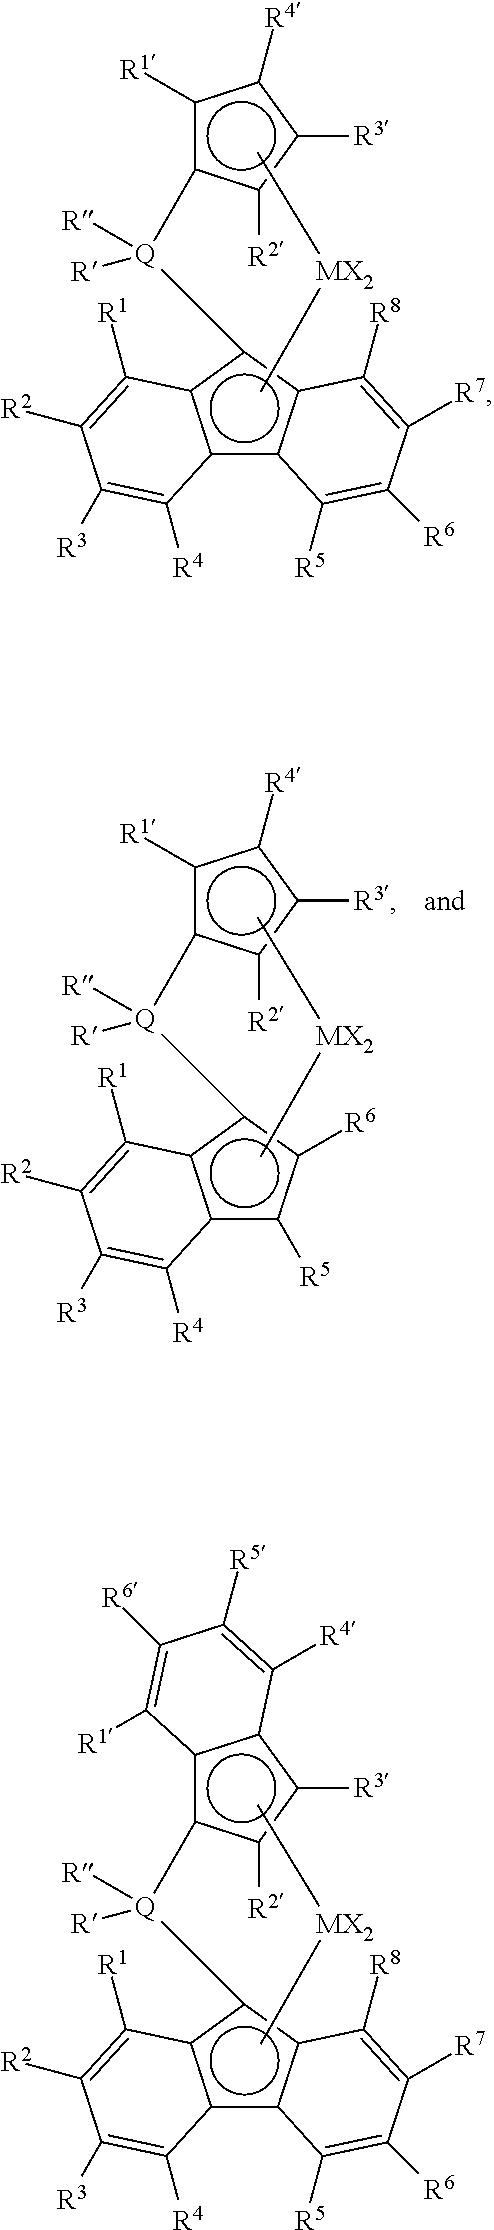 Figure US20180223022A1-20180809-C00004